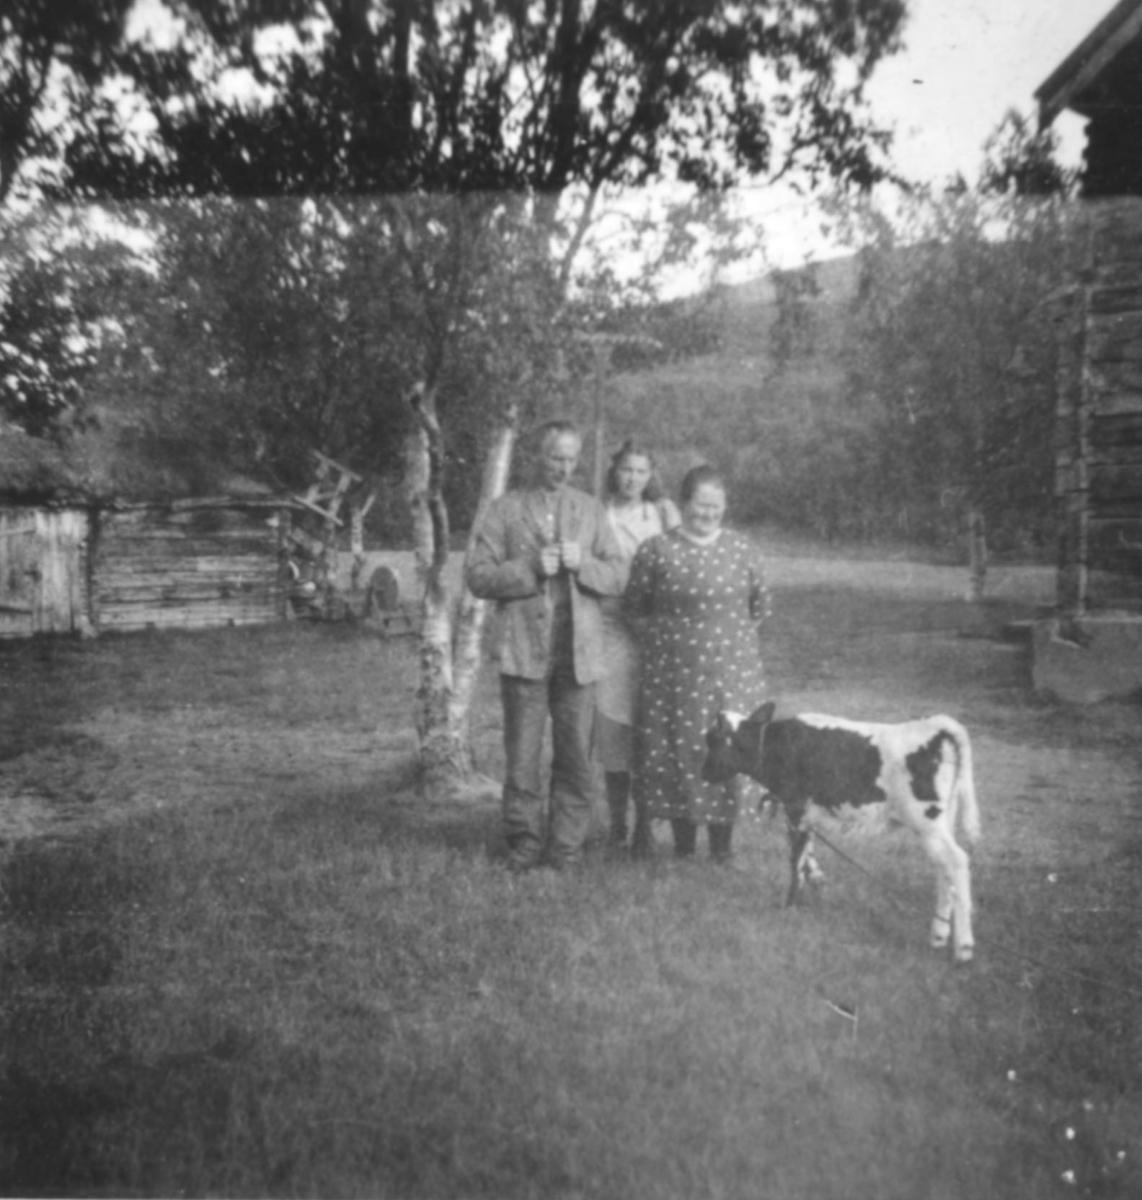 """""""Aina Marie Aronsen i Luftjok med besøkende og kalven. Bildet er tatt ca. 1935. Gjestfriheten var spesielt stor hos Aronsen."""" Tømmerhuset til høyre huset også Luftjok skole på den tiden."""